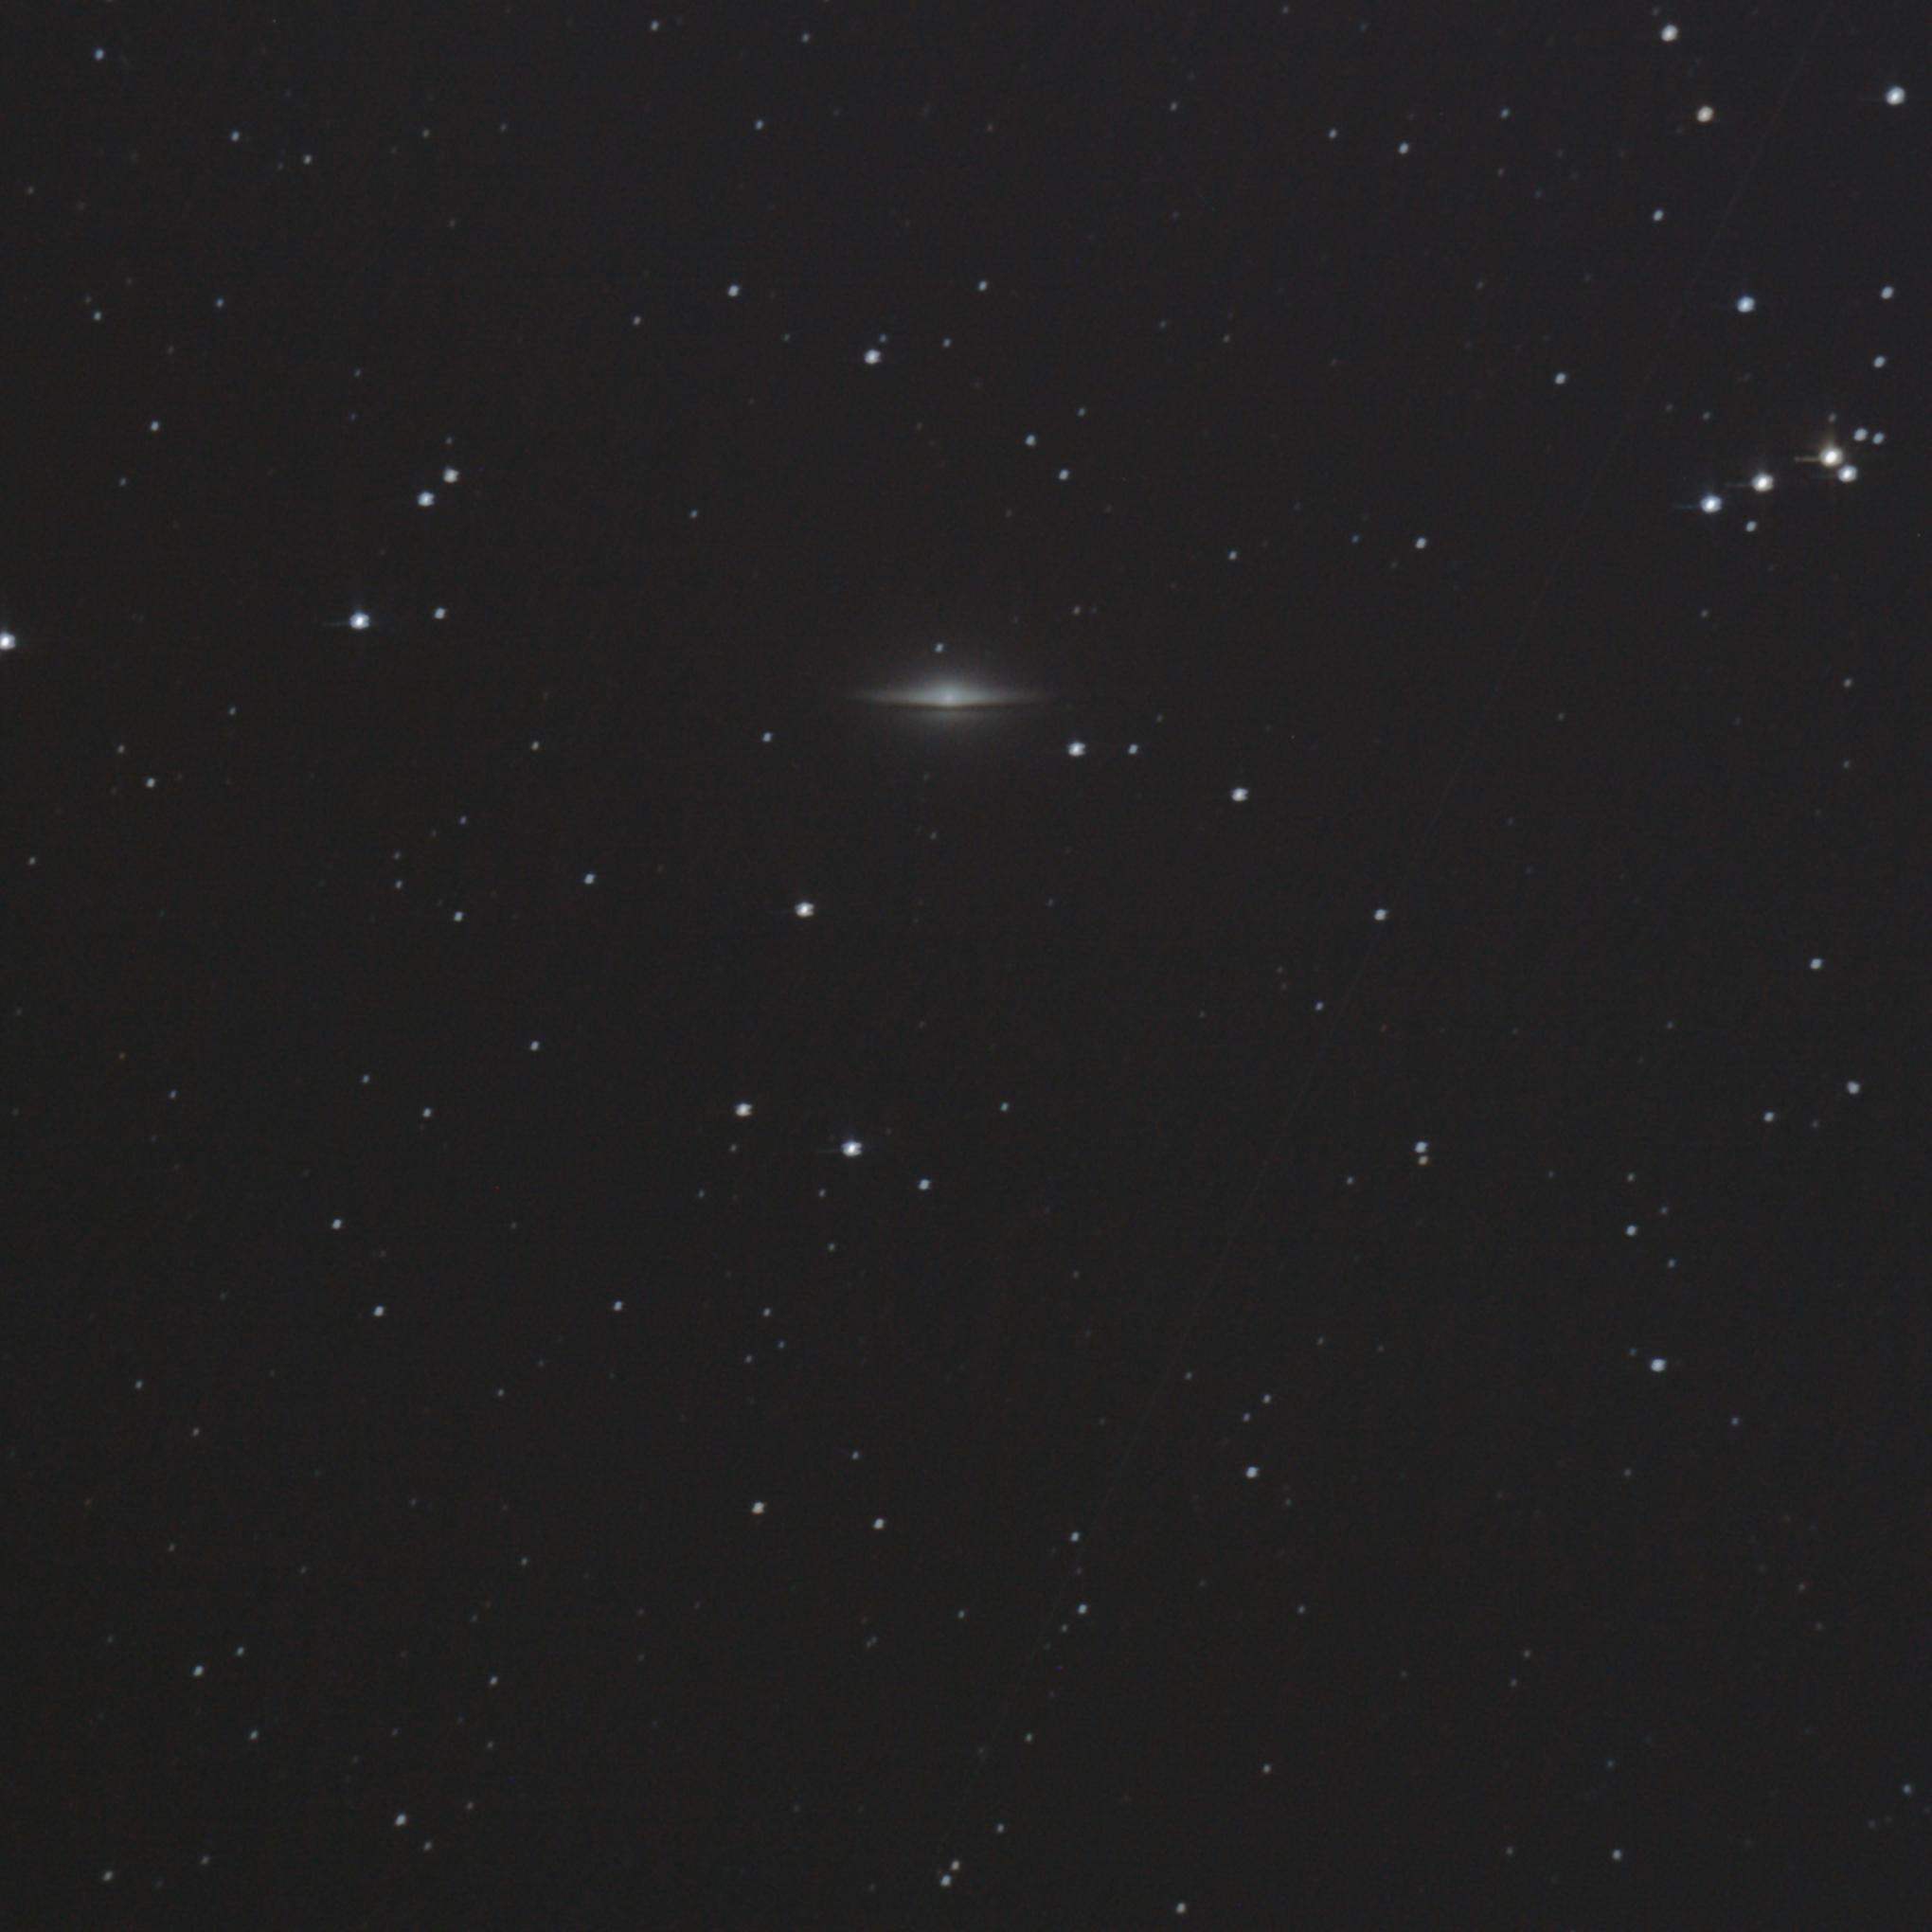 M104 - Sombrero Galaxy